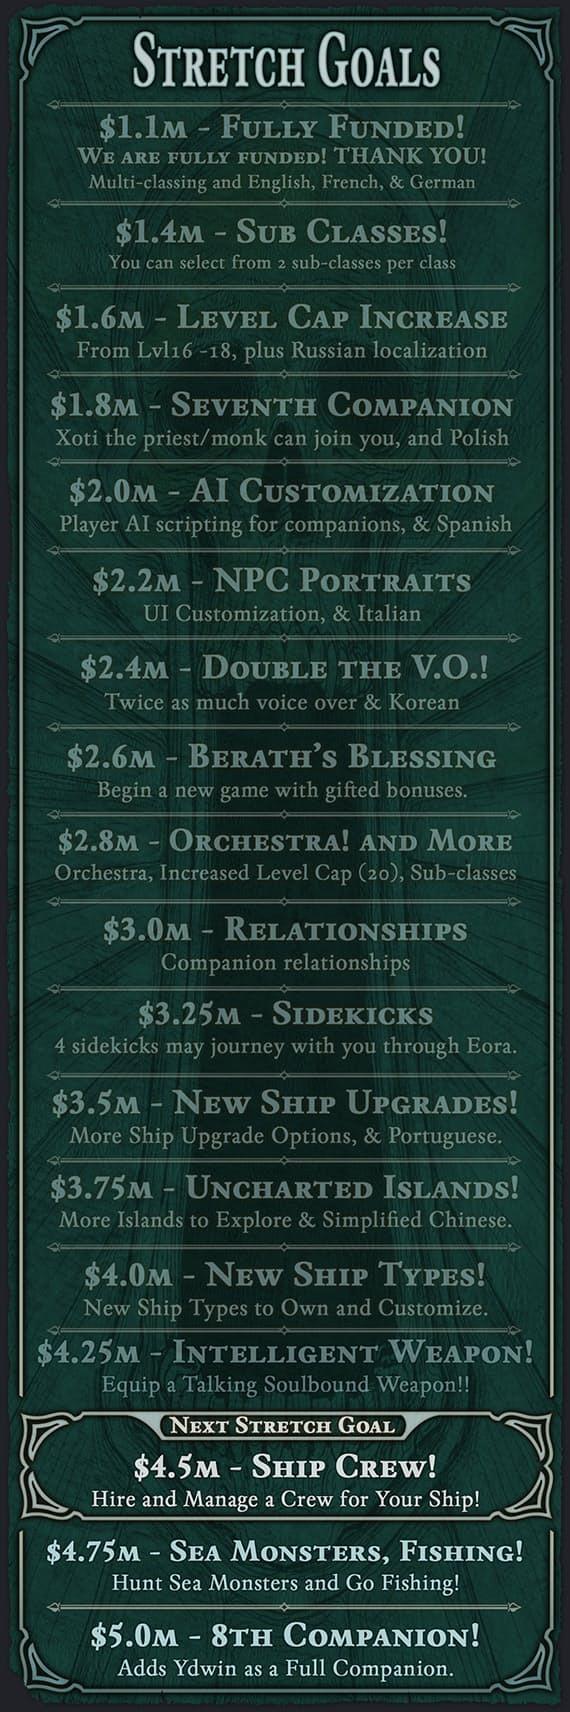 Кампания Pillars of Eternity II: Deadfire стала самой успешной по краудфандингу RPG Obsidian Entertainment, RPG, Pillars of Eternity, Pillars of Eternity 2, Краудфандинг, Длиннопост